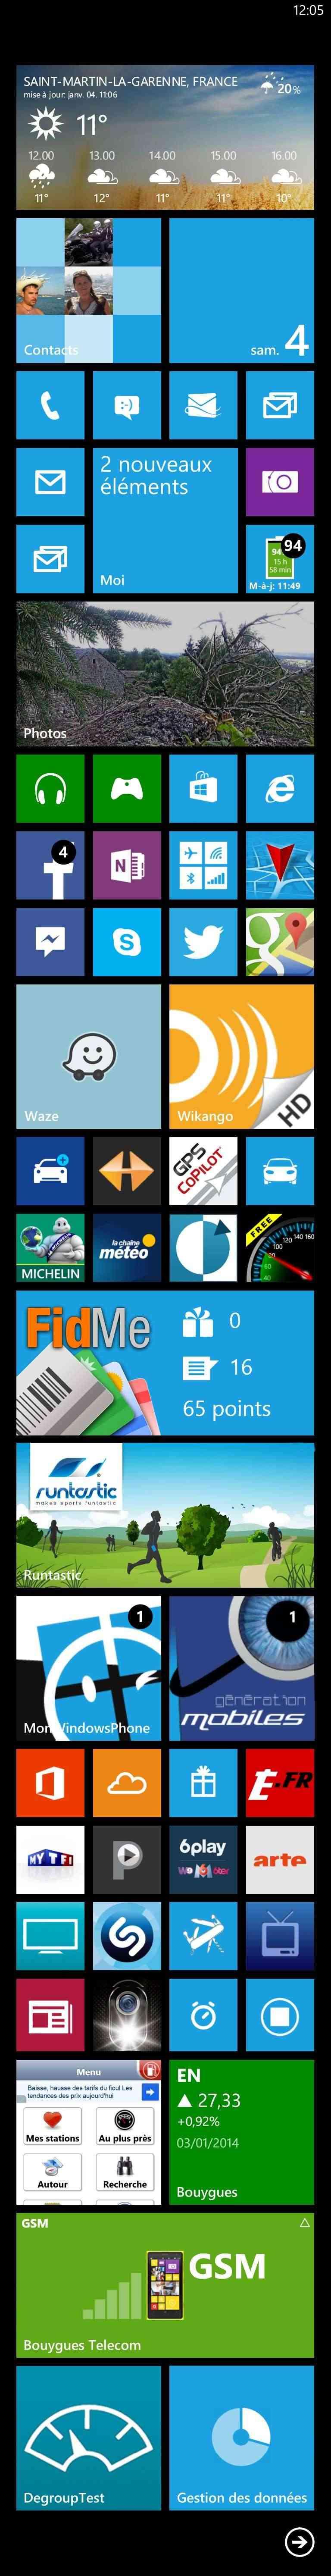 [DISCUSSION] Et vous comment avez vous personnalisez votre Windows Phone - Page 3 Home_s11